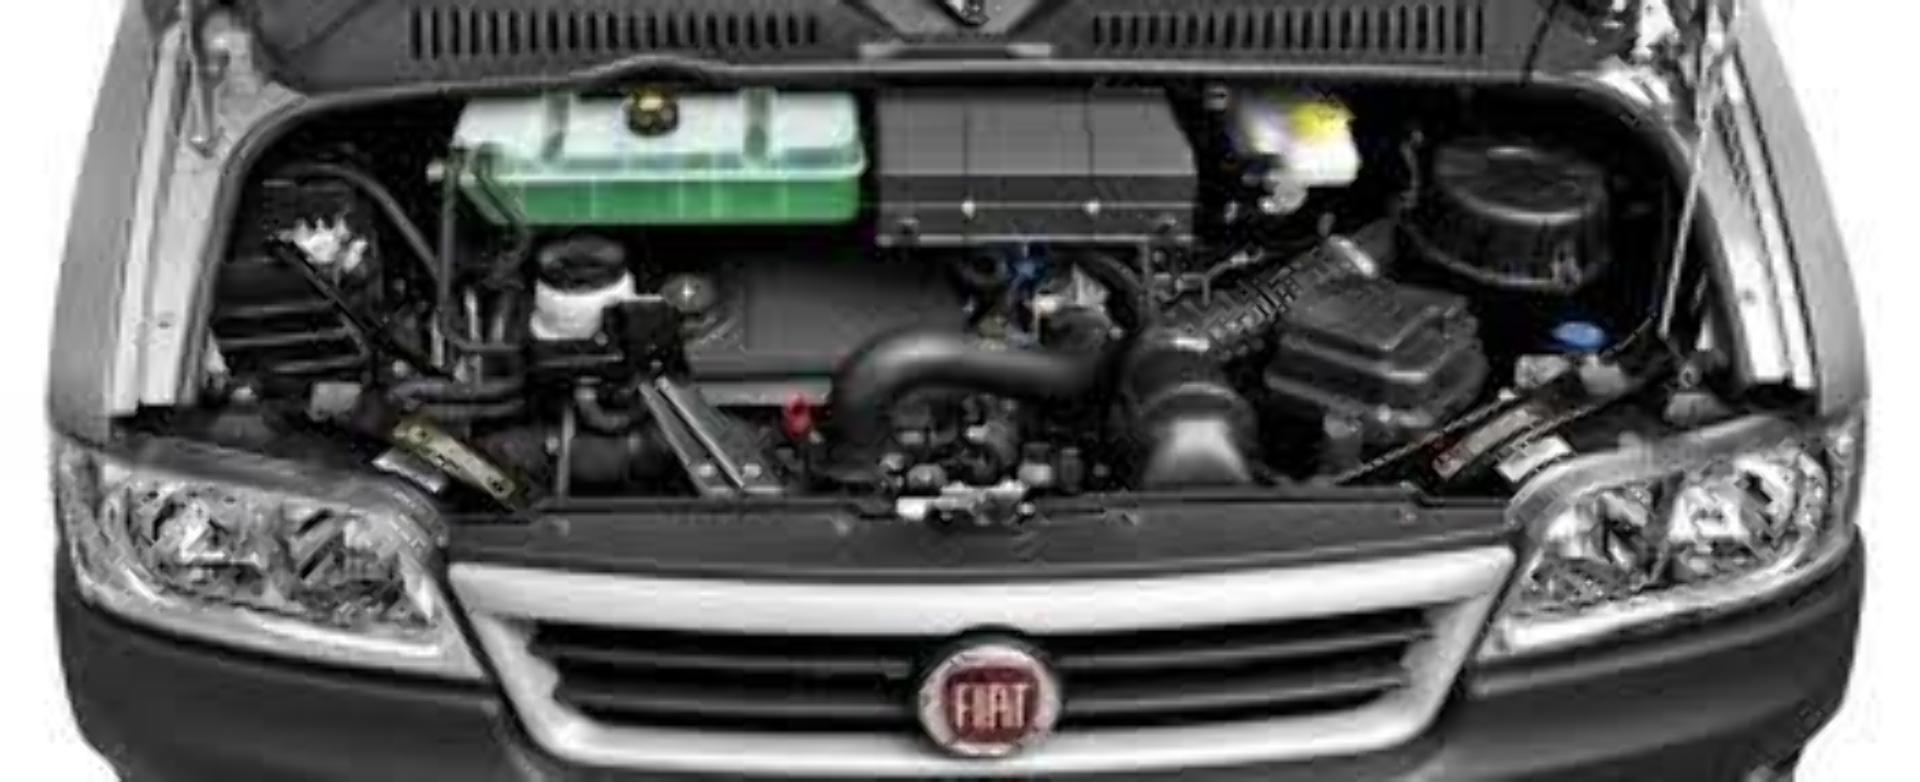 DUCATO 2011/2012 APRESENTA PROBLEMAS NO MOTOR